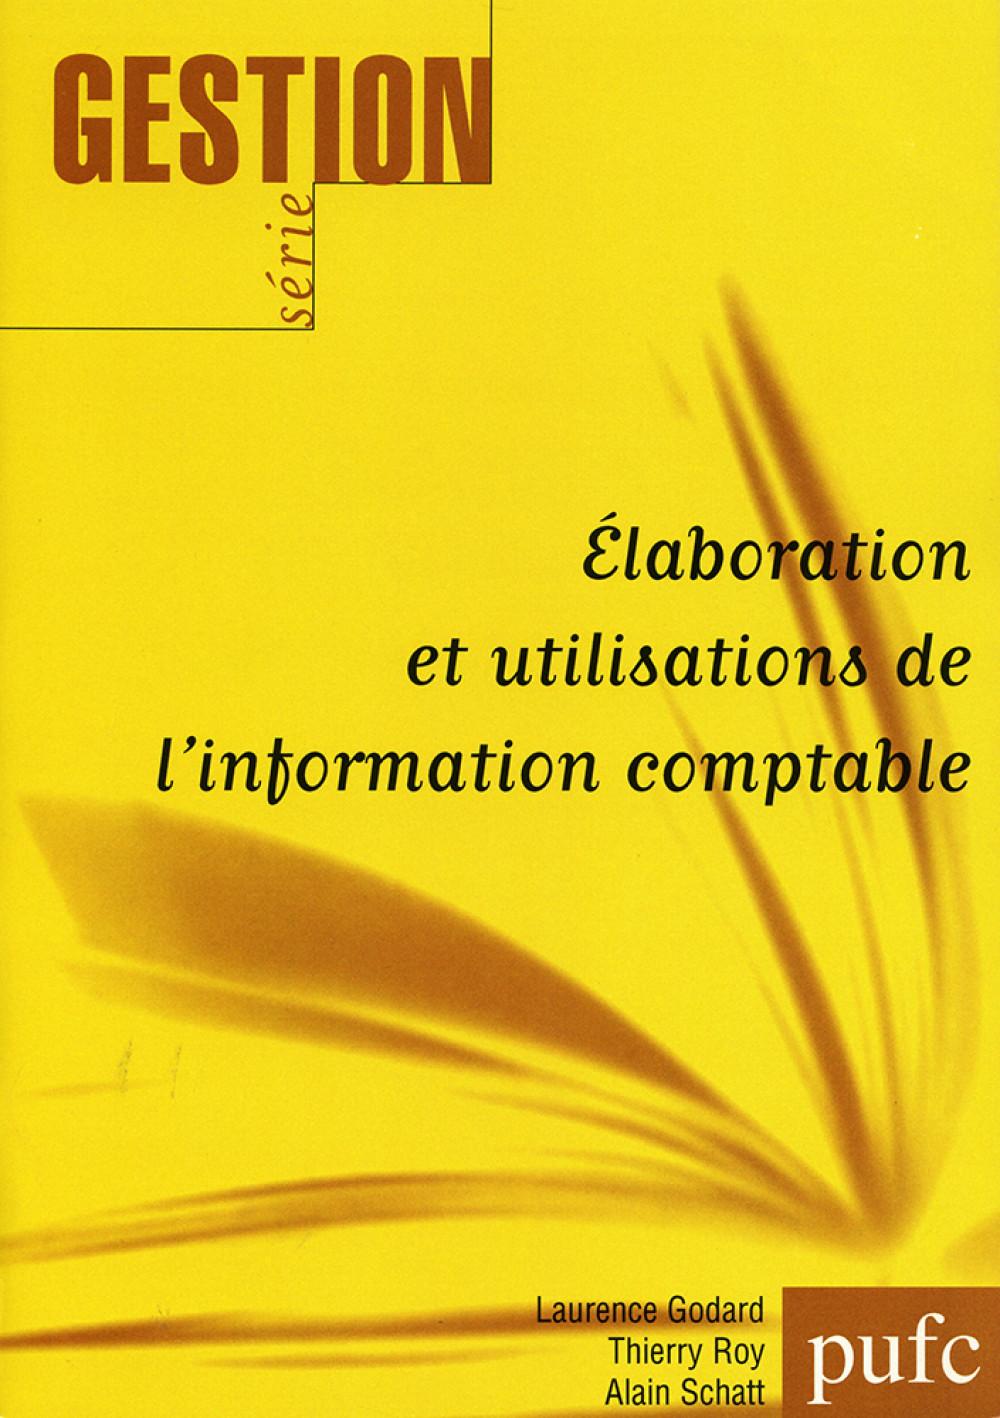 Elaboration et utilisations de l'information comptable